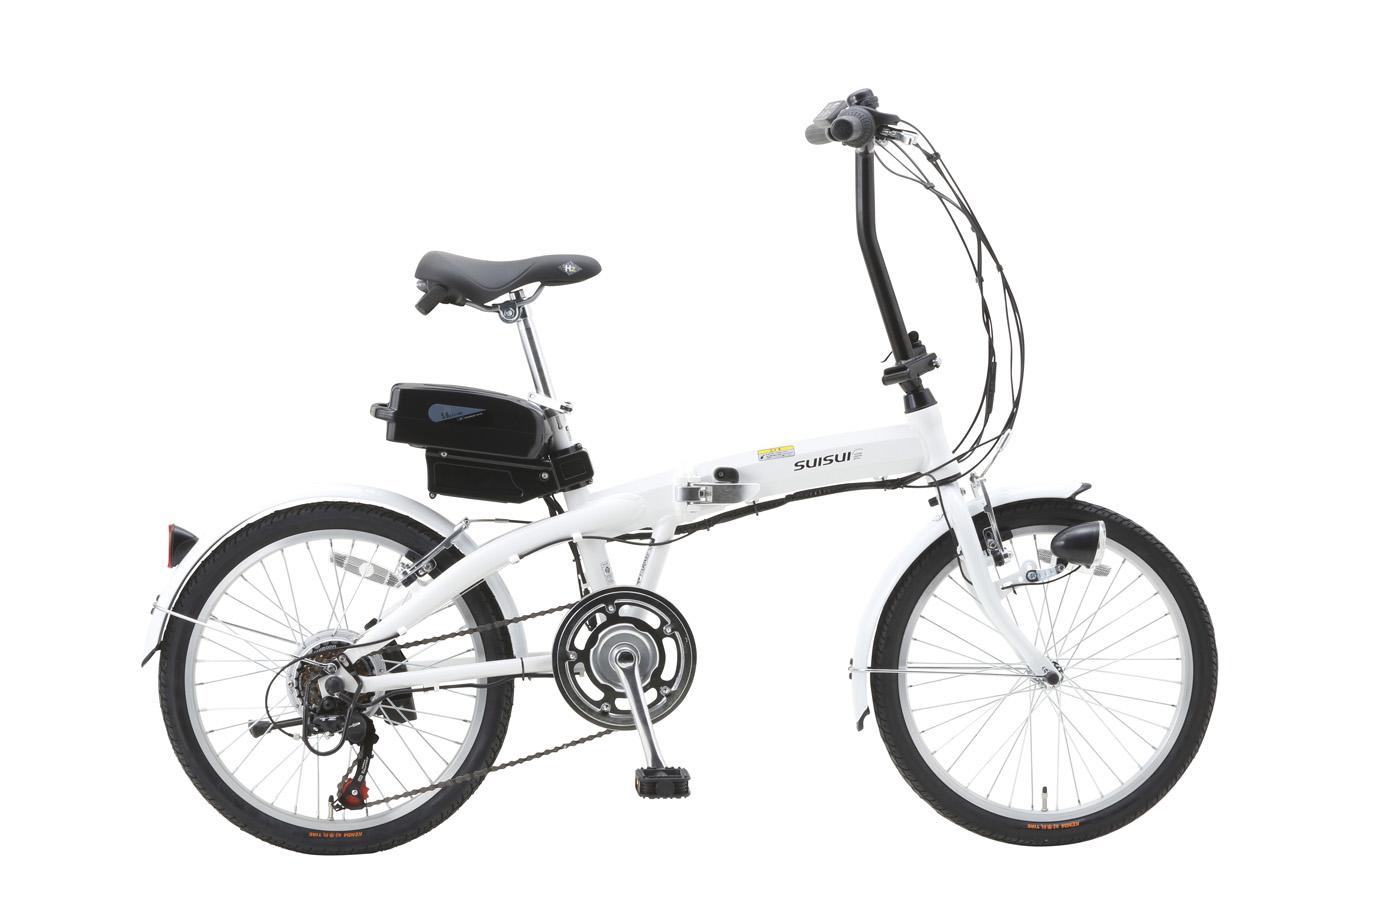 SUISUI 20インチ電動アシスト折畳自転車 6段変速 BM-A30WH[ミムゴ MIMUGO][激安自転車 通販][プレゼント]【バレンタイン】